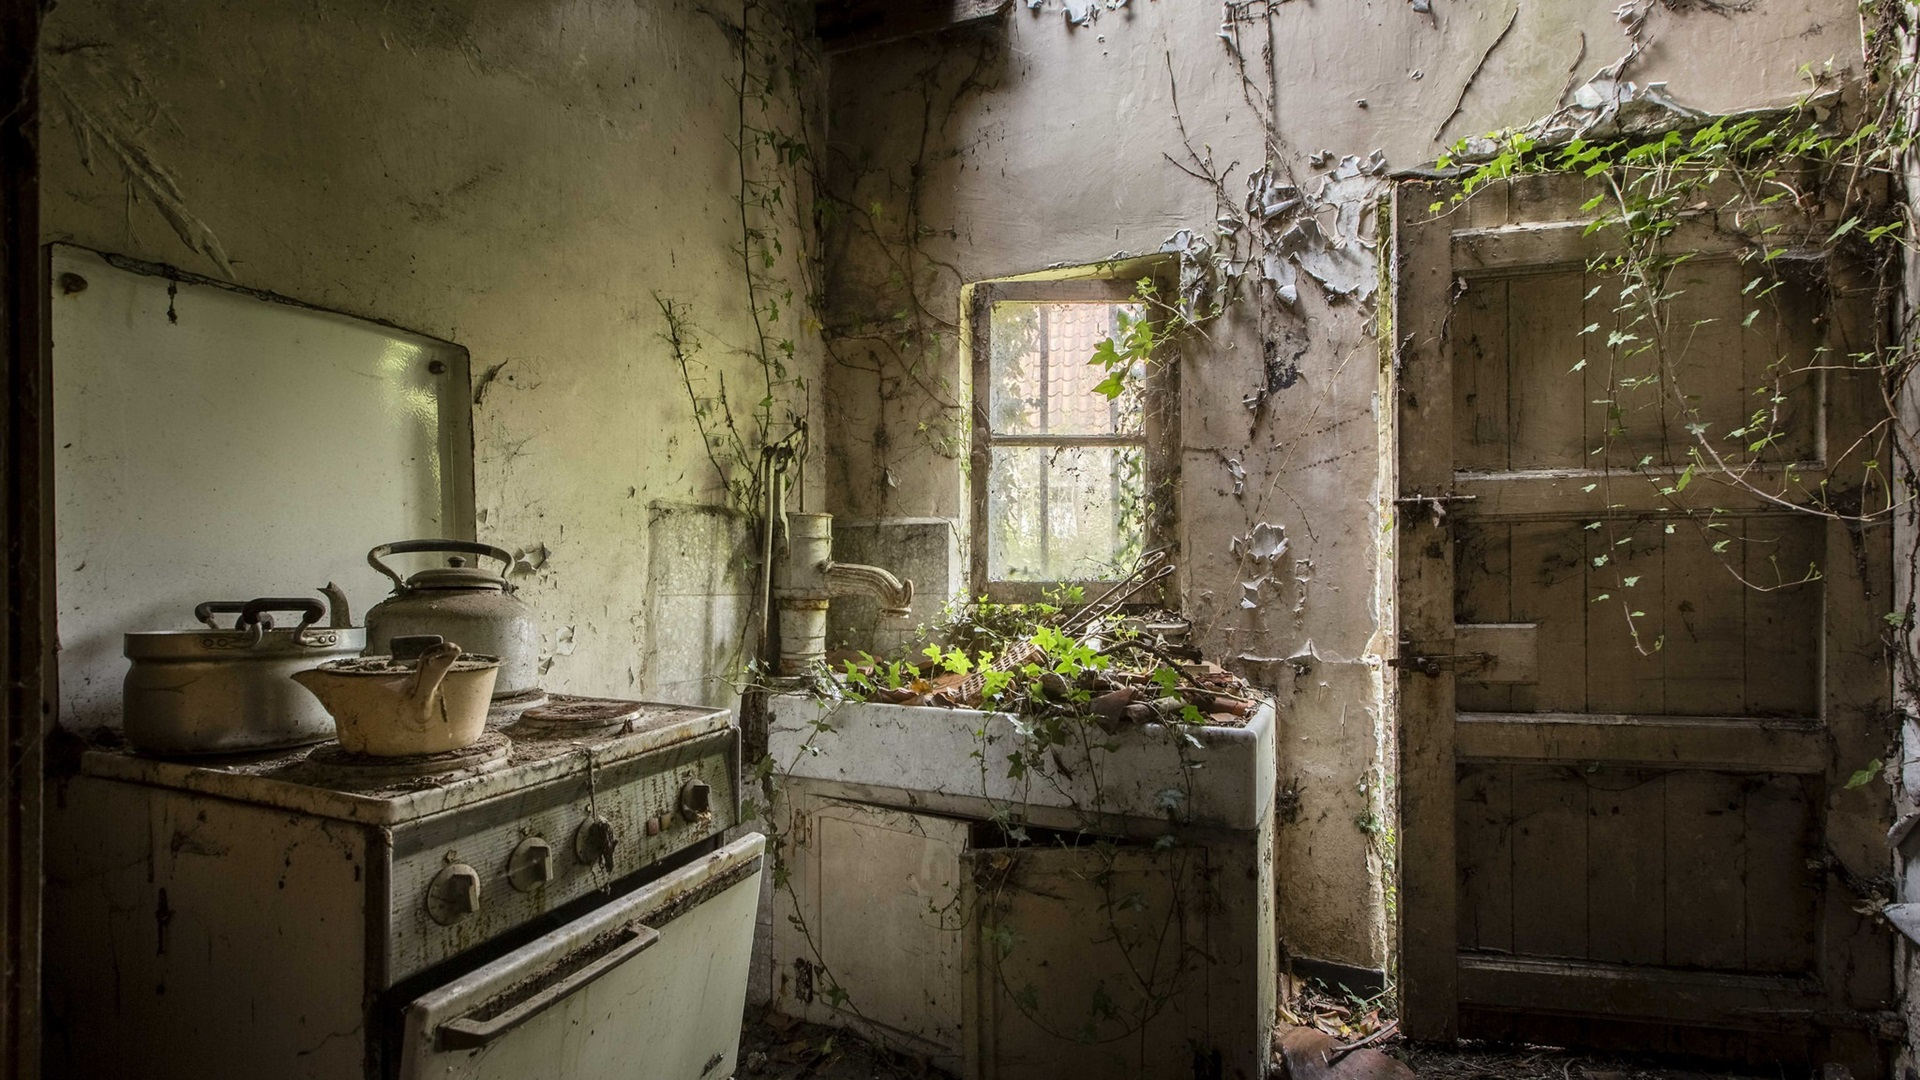 Wallpaper Ruins Kitchen Furniture Door Plants Growing